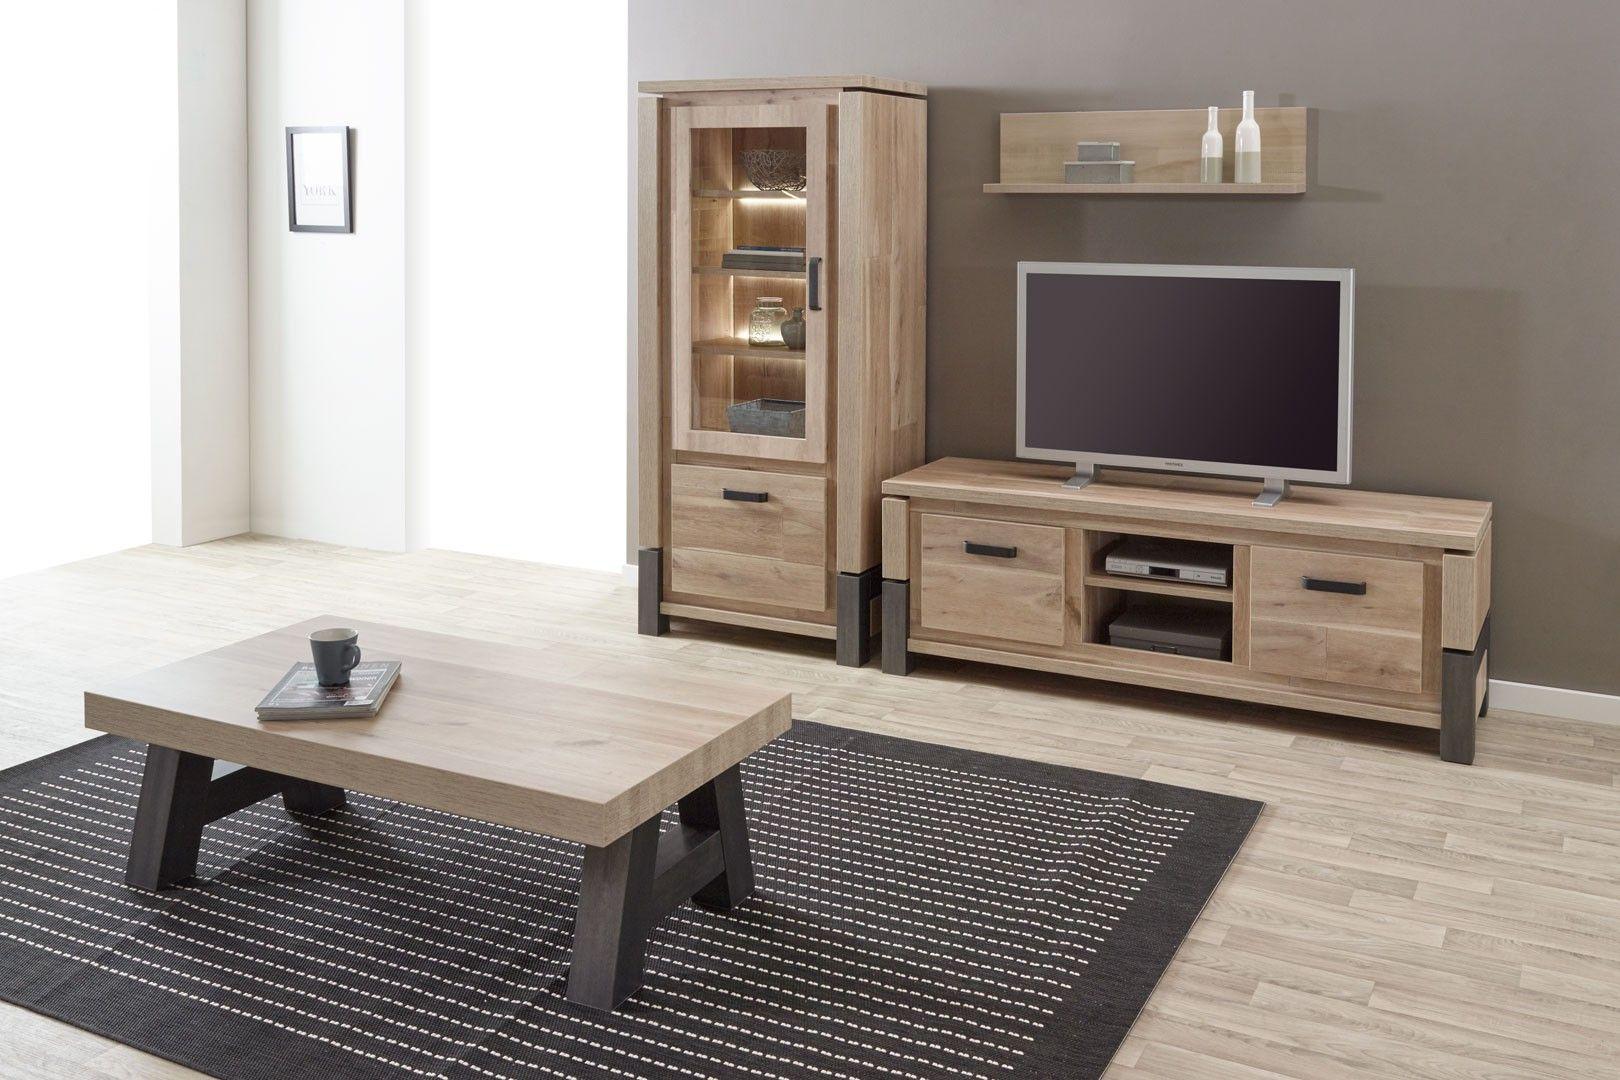 Meuble Tv Contemporain 166 Cm Coloris Vieux Ch Ne Anthracite  # Meuble Tv Vieux Bois